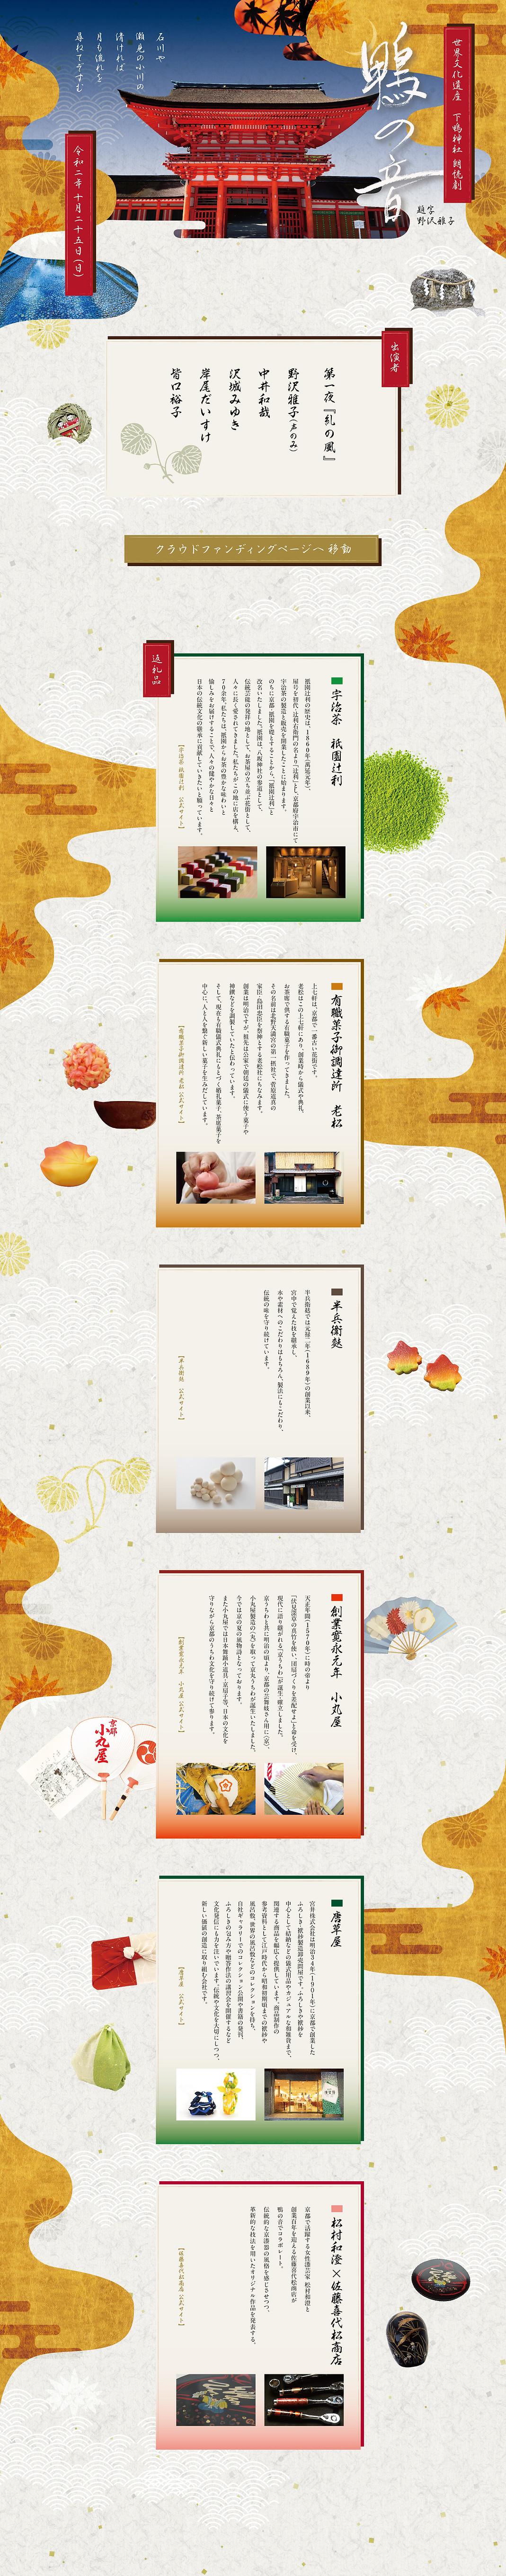 鴨の音_サイトイメージ_0911_アートボード 1.jpg